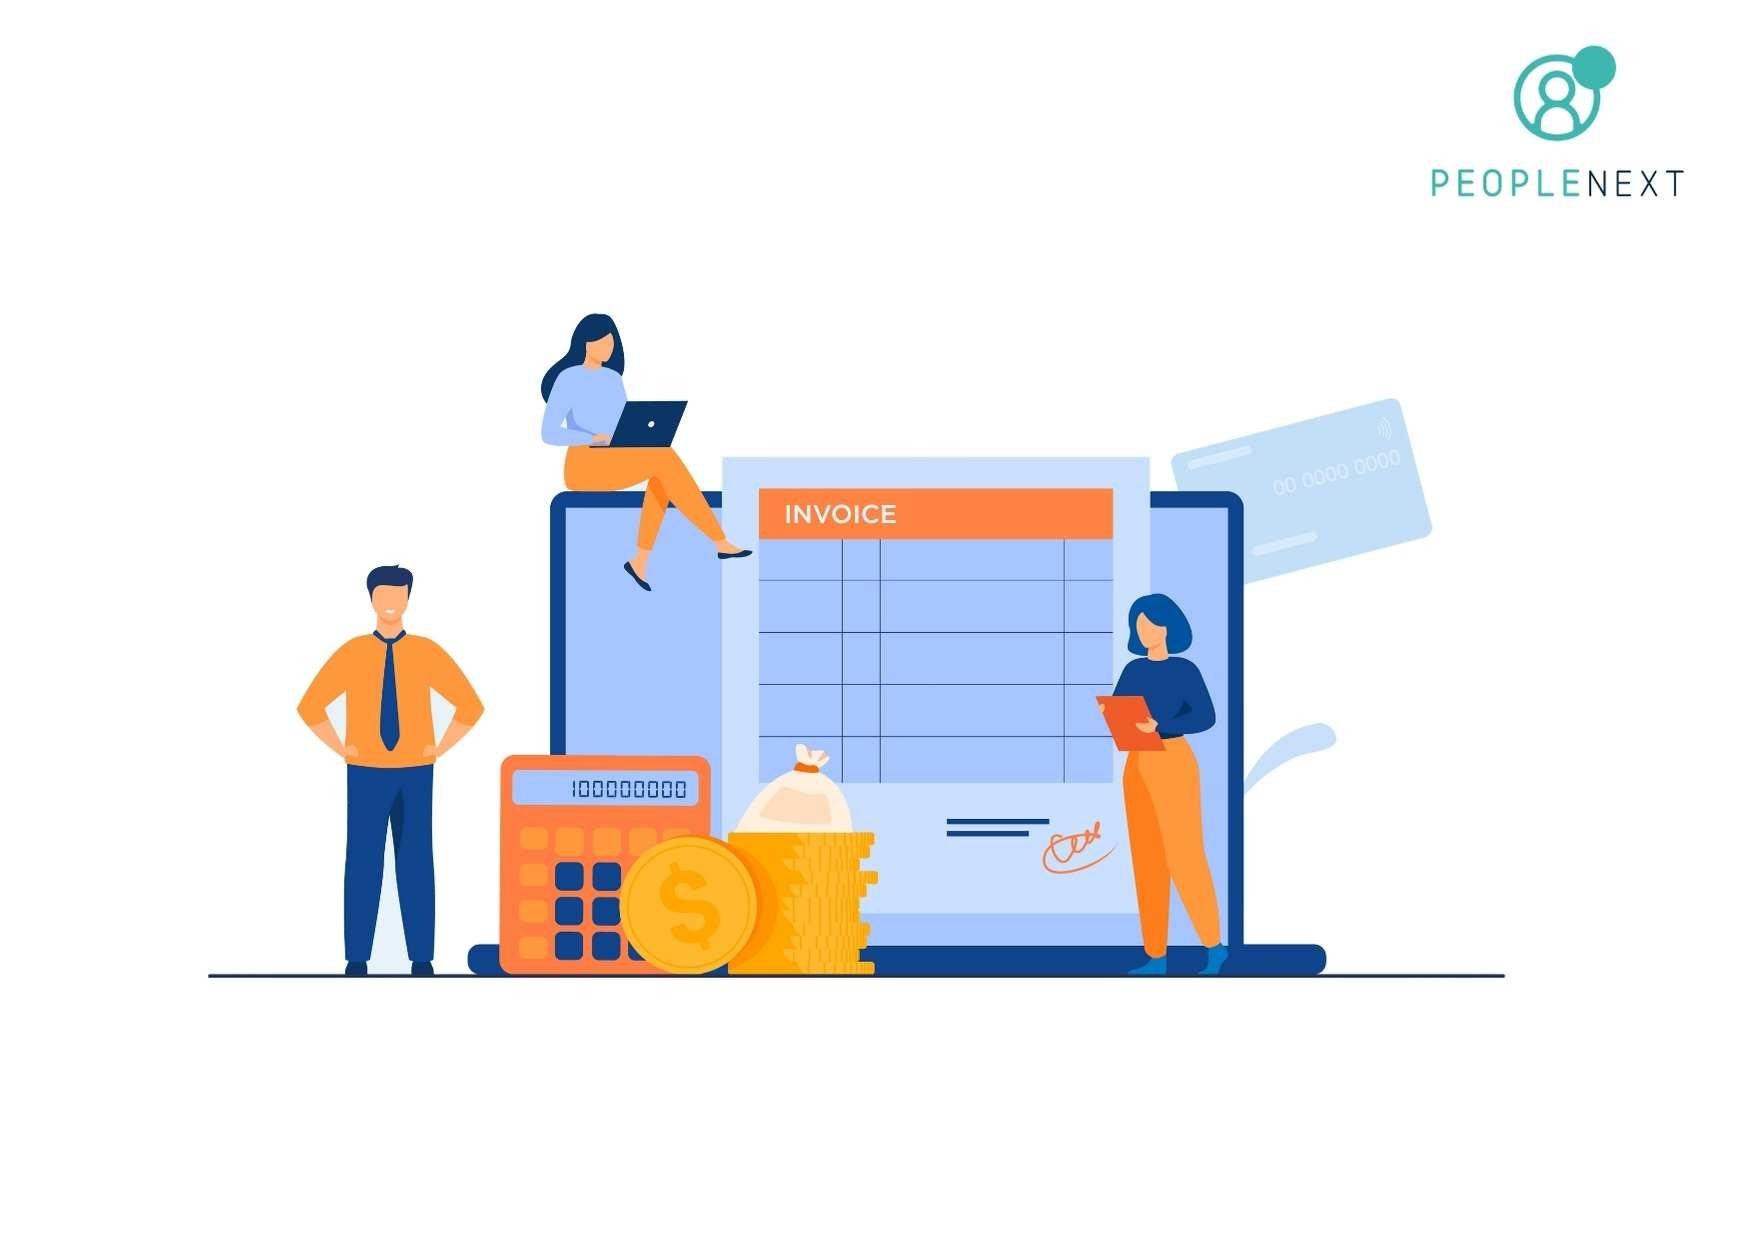 Que es un sistema de nomina y de que manera puede impactar en tu empresa-peoplenext-image